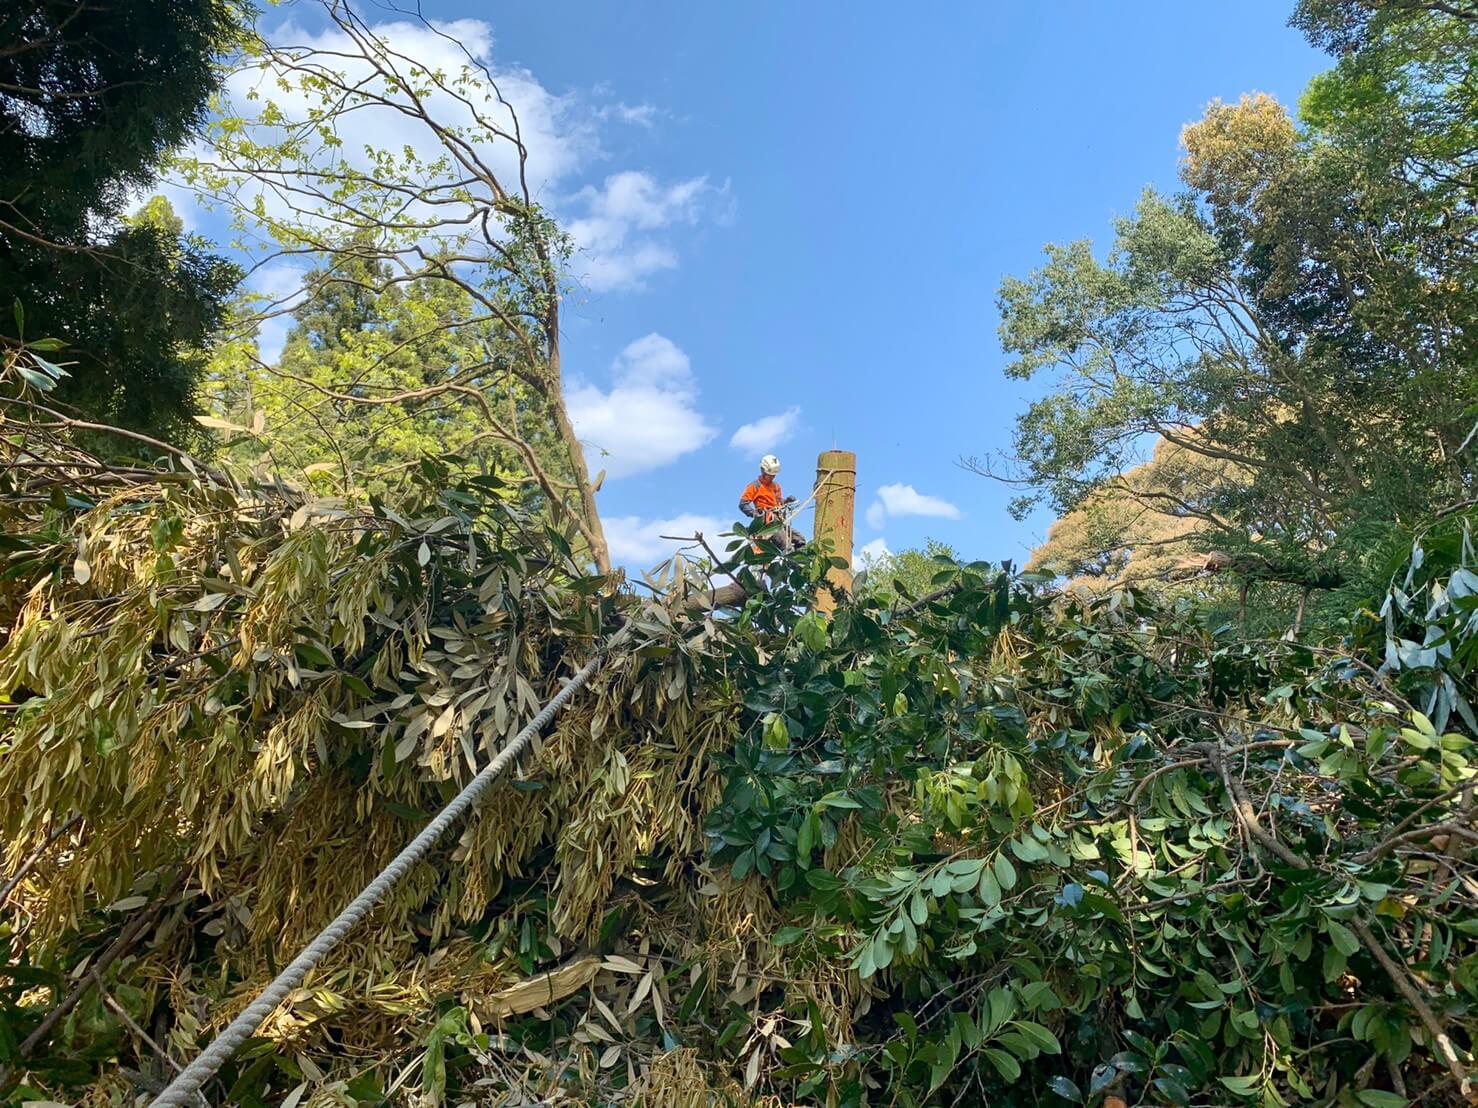 最後はロープで牽引しながら伐倒しました。